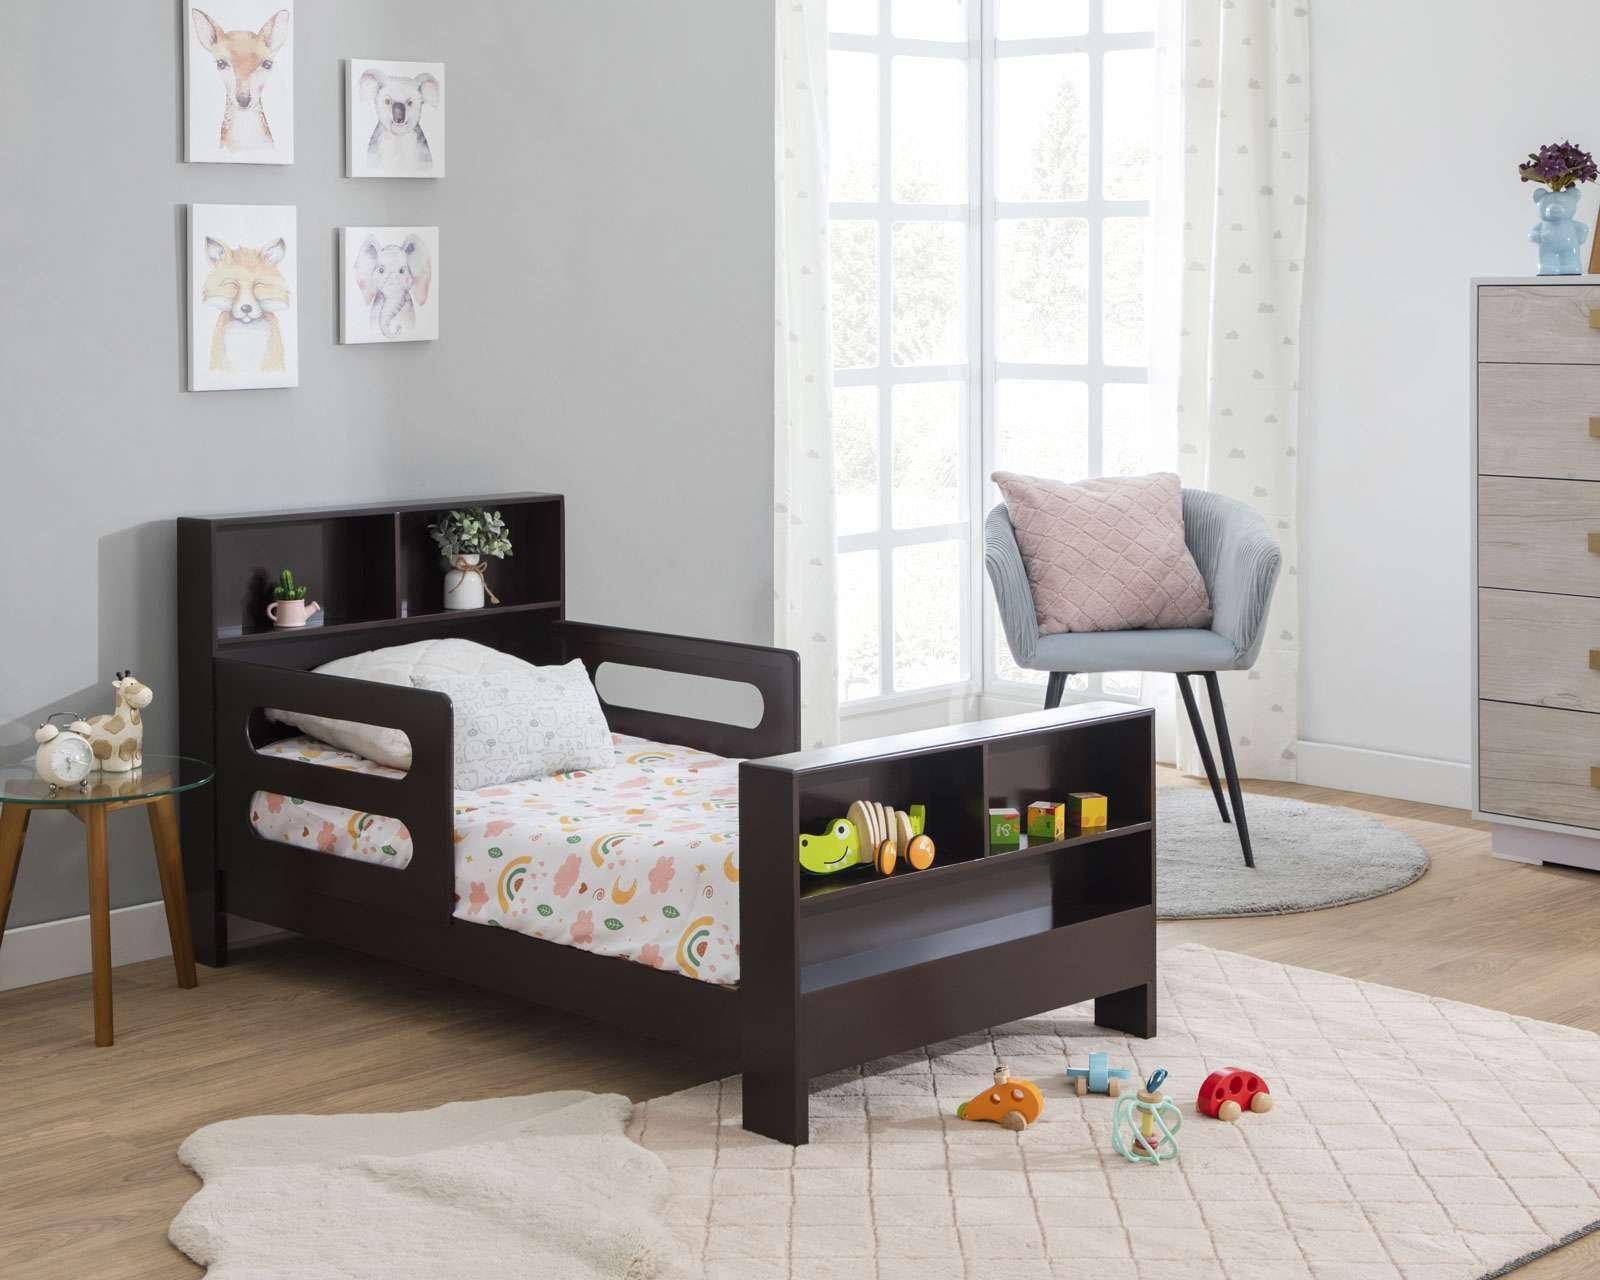 Cama Infantil Lucero de madera de Pino color Chocolate